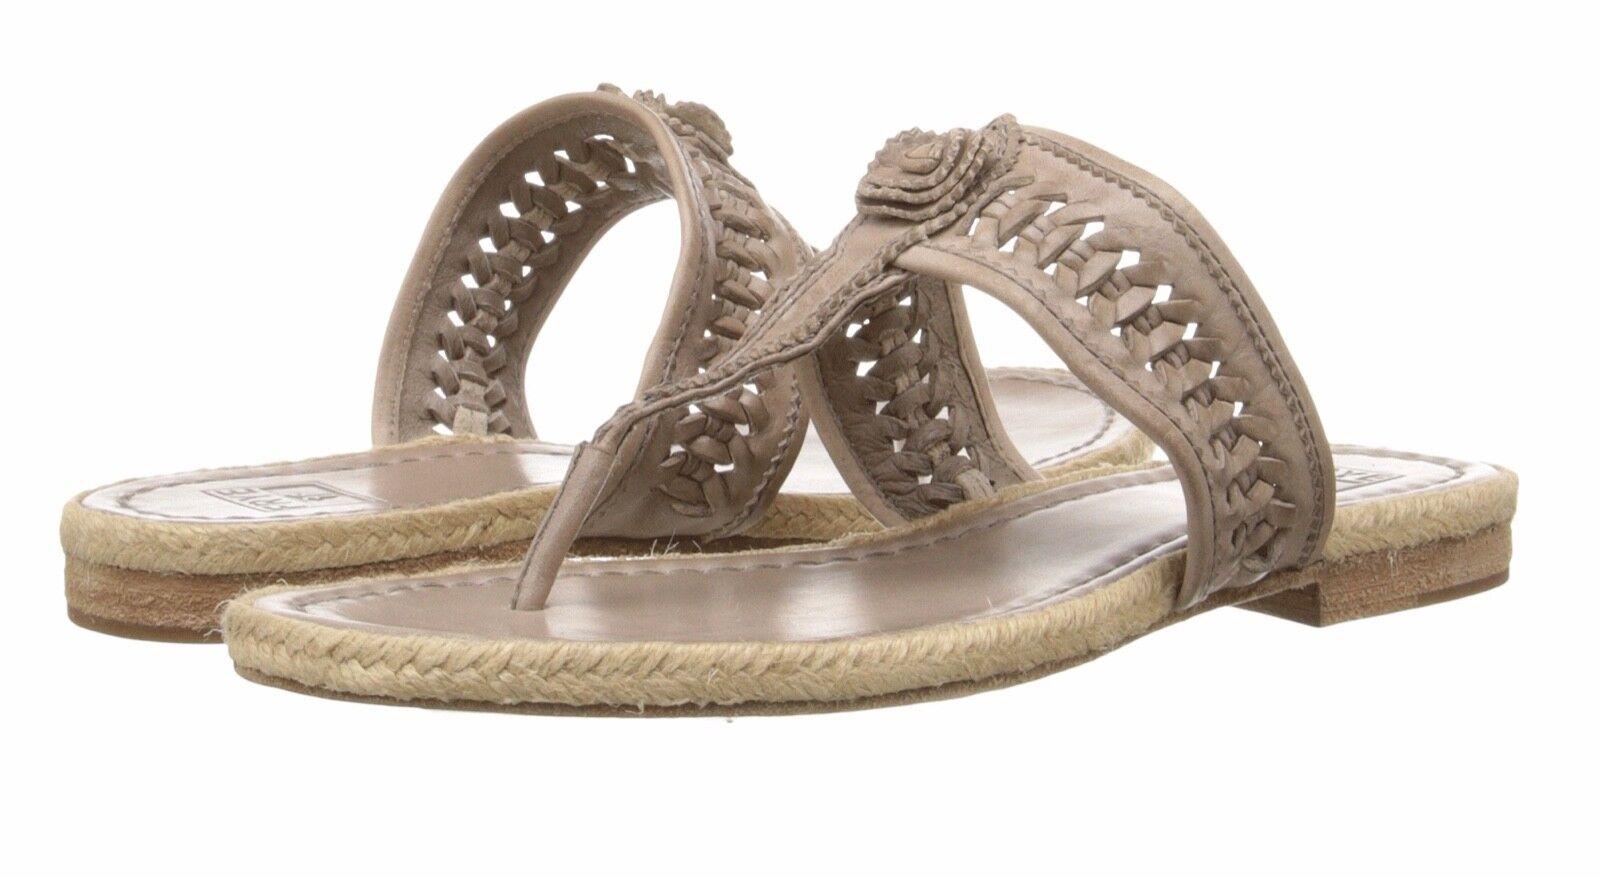 FRYE 72577 Women's Cleo Concho Thong  Sandals 9.5 9 1/2  (M) Grey Beautiful